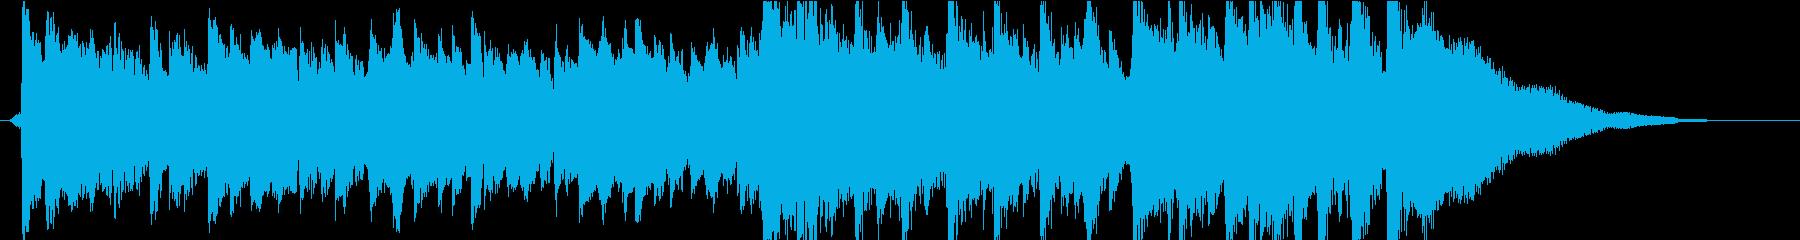 オープニング 夏の始まり 生アコギの再生済みの波形